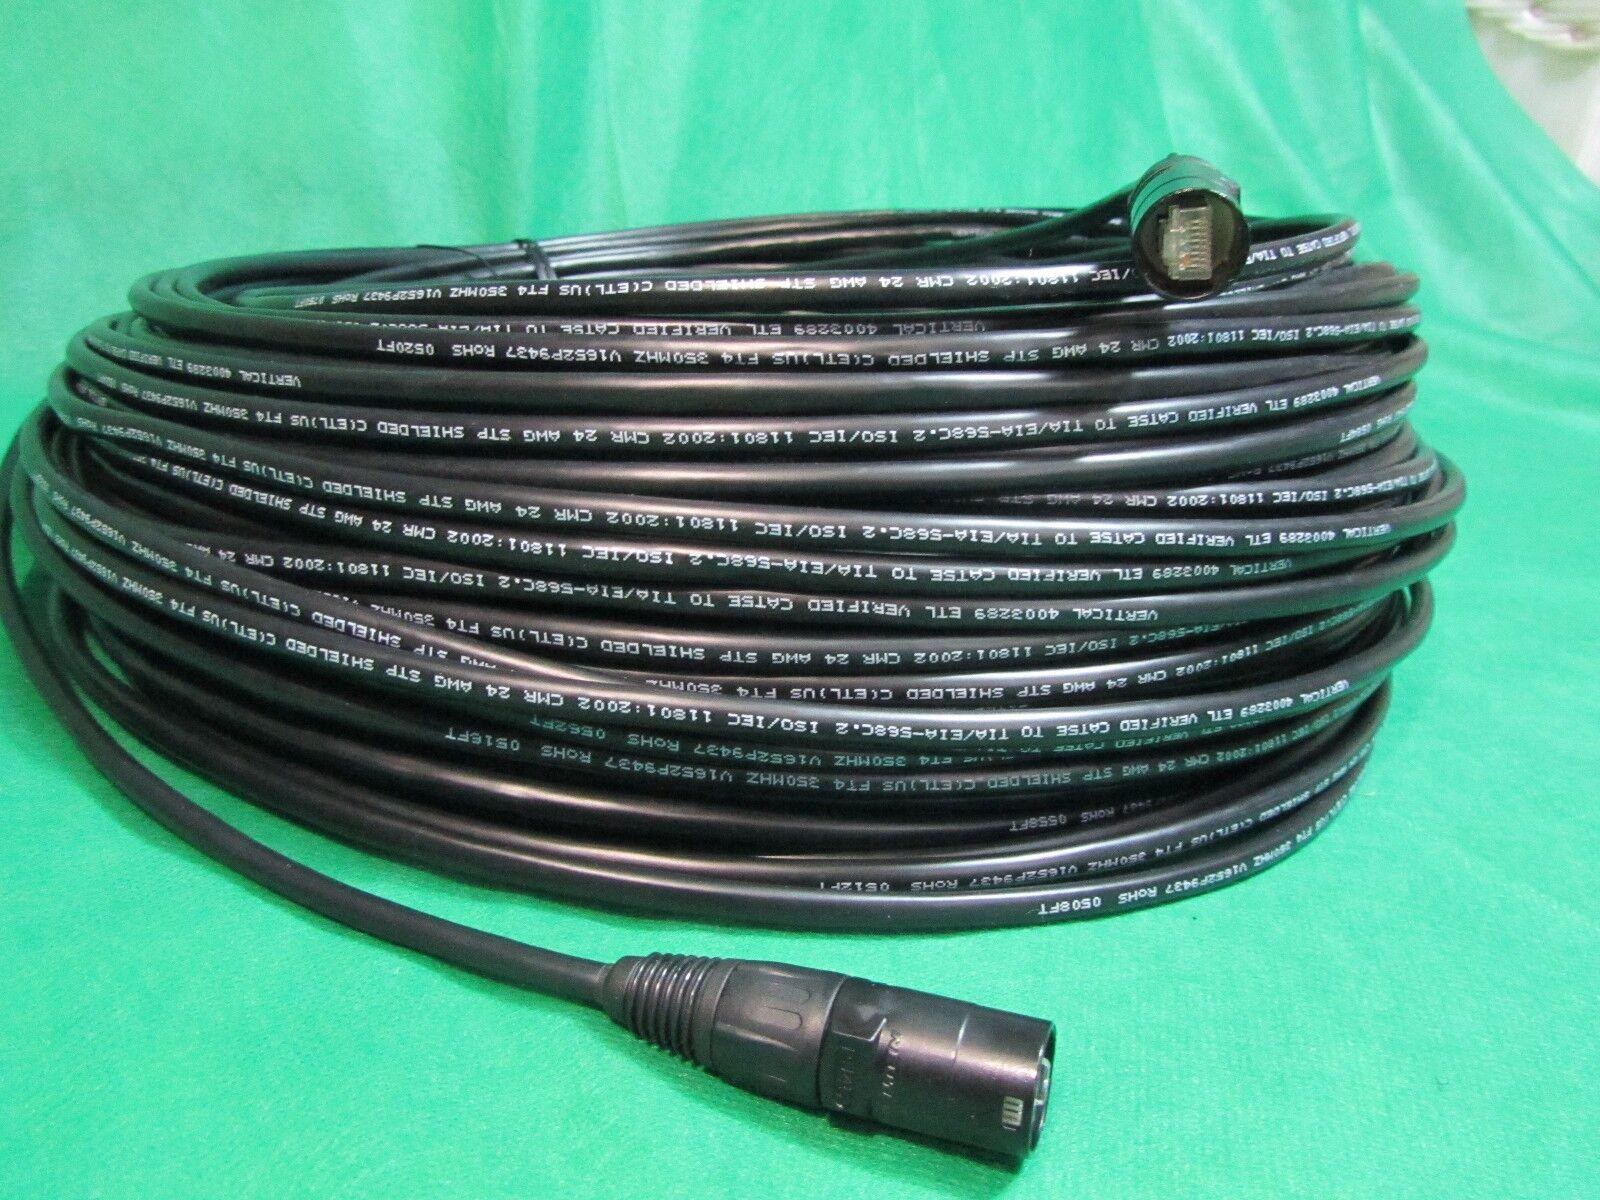 125 Pies Cat 5e Stp Blindado Ethernet Cable Negro Negro Negro w neutrik Ethercon RJ45 enchufe. b7fb22